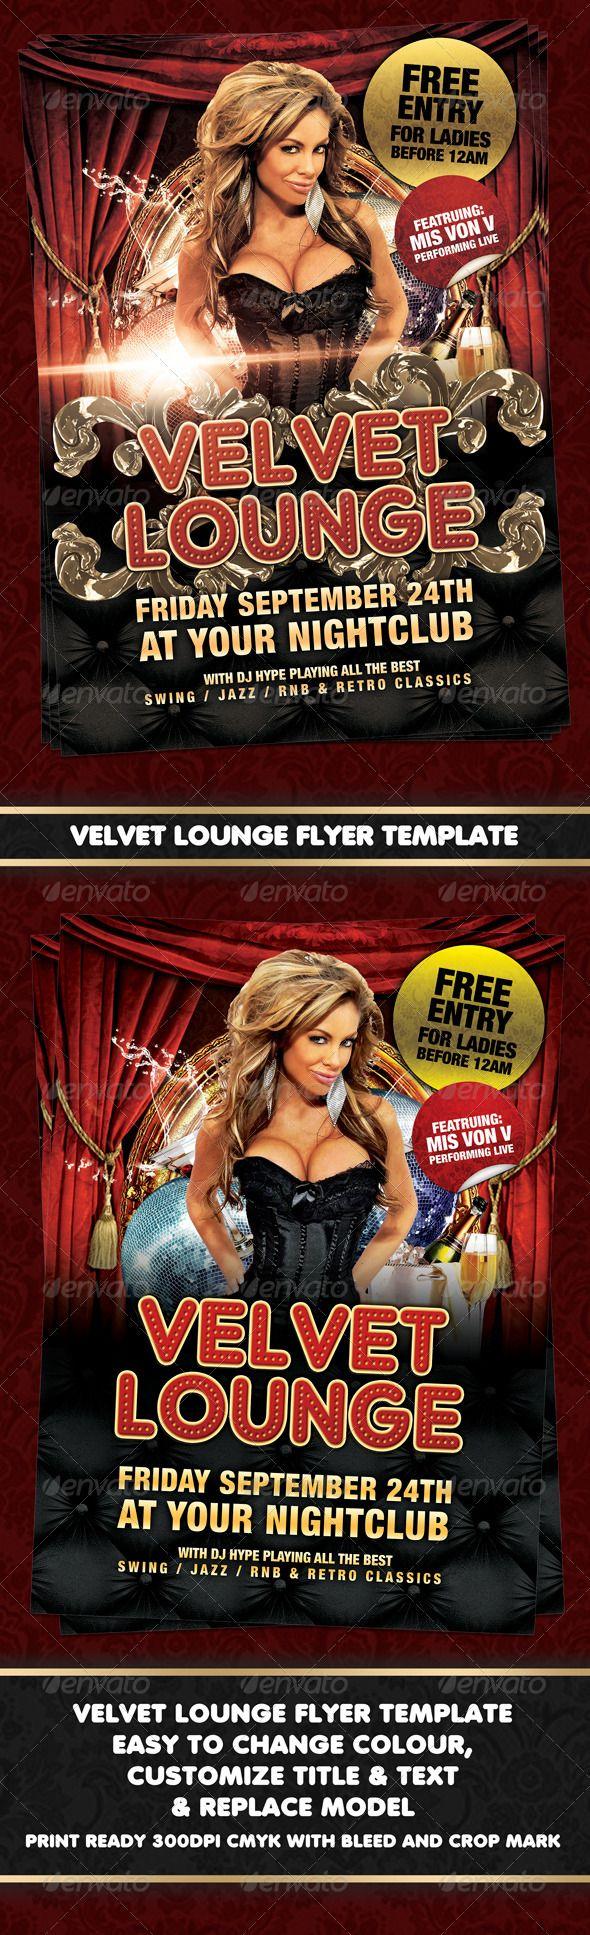 Velvet Lounge Poster Or Flyer Template  Velvet Lounge Flyer